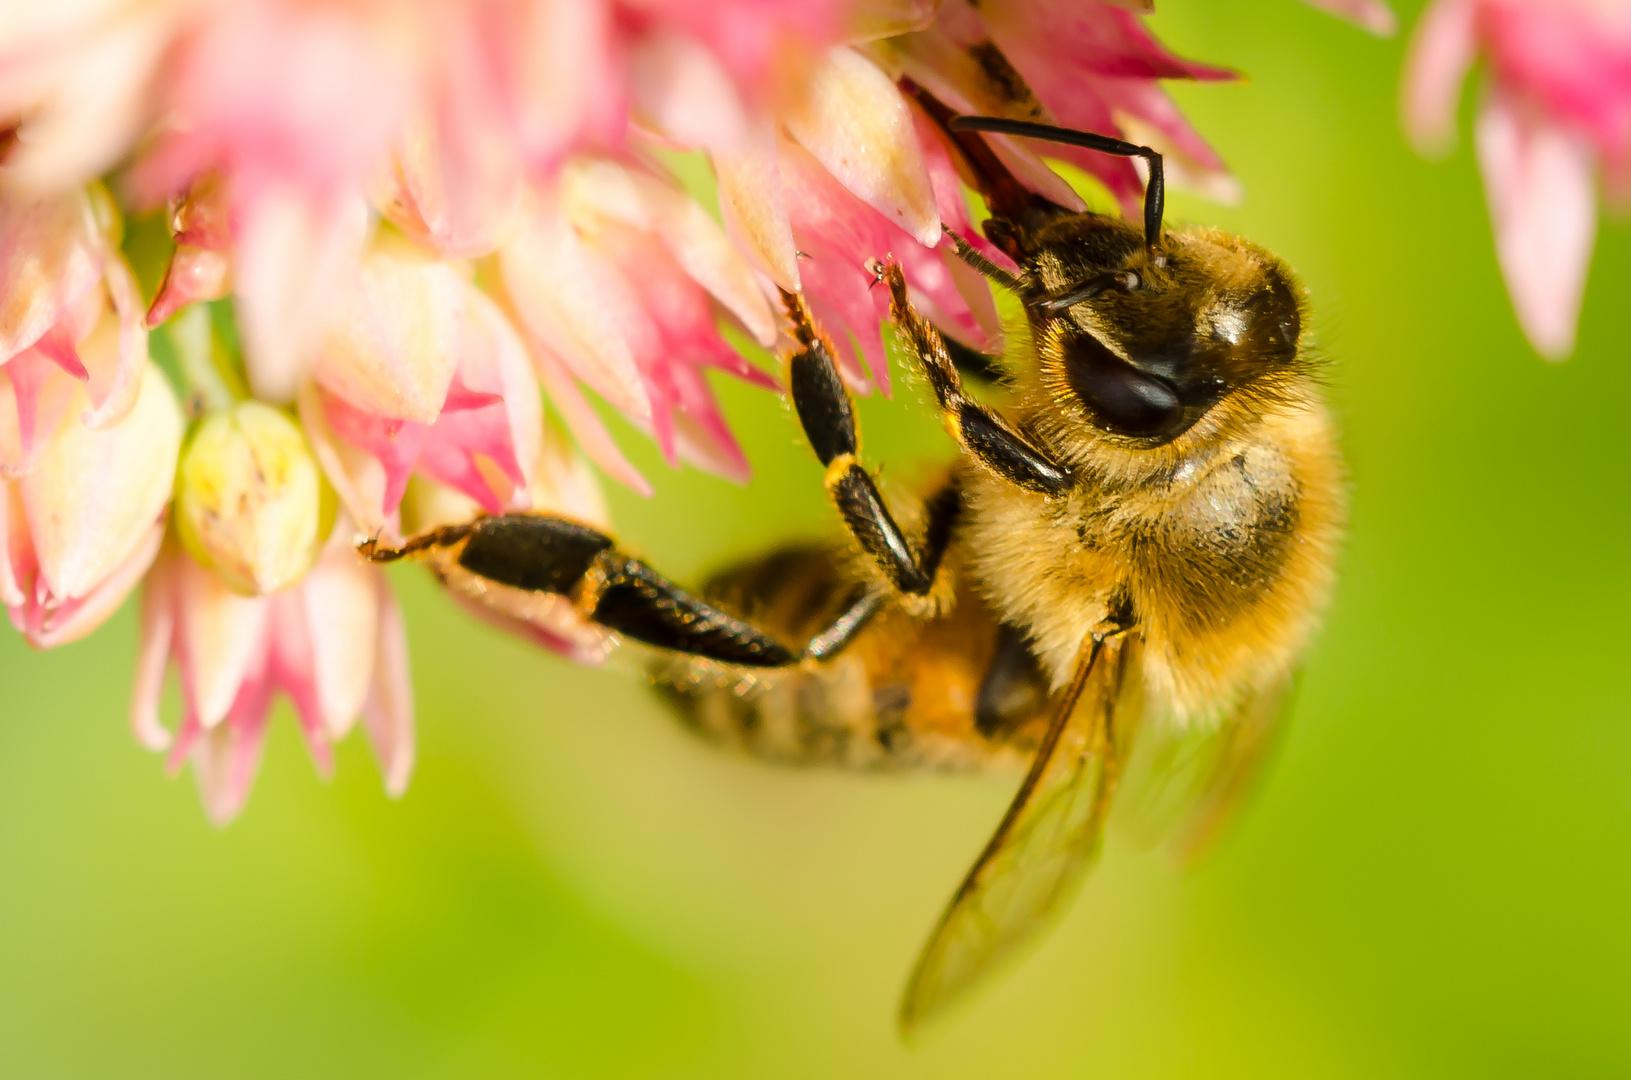 Herbstblumennektar schmeckt auch fein